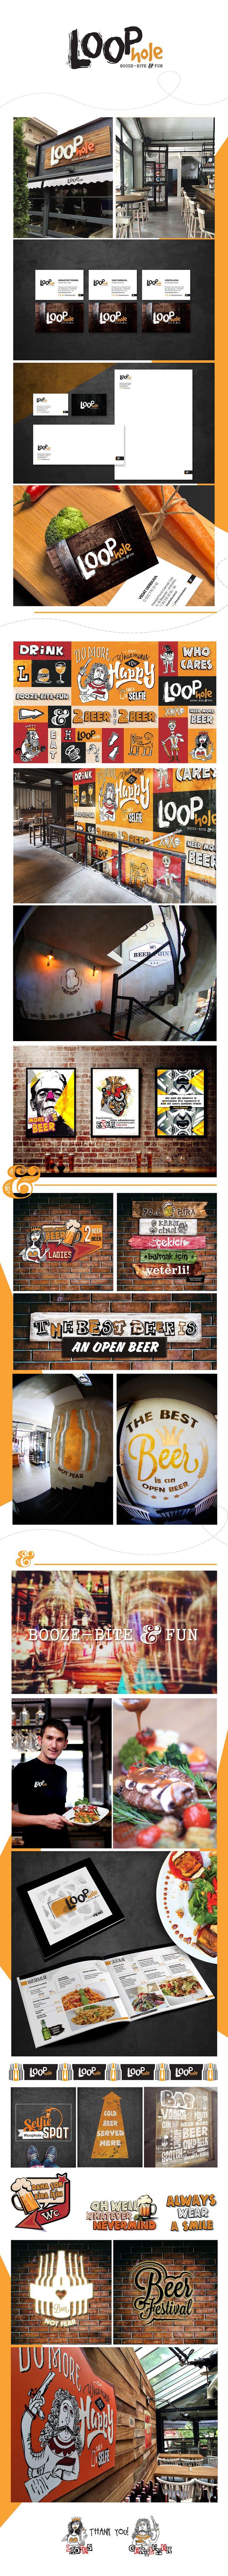 https://www.behance.net/gallery/30808591/Loophole-Cafe-Bar